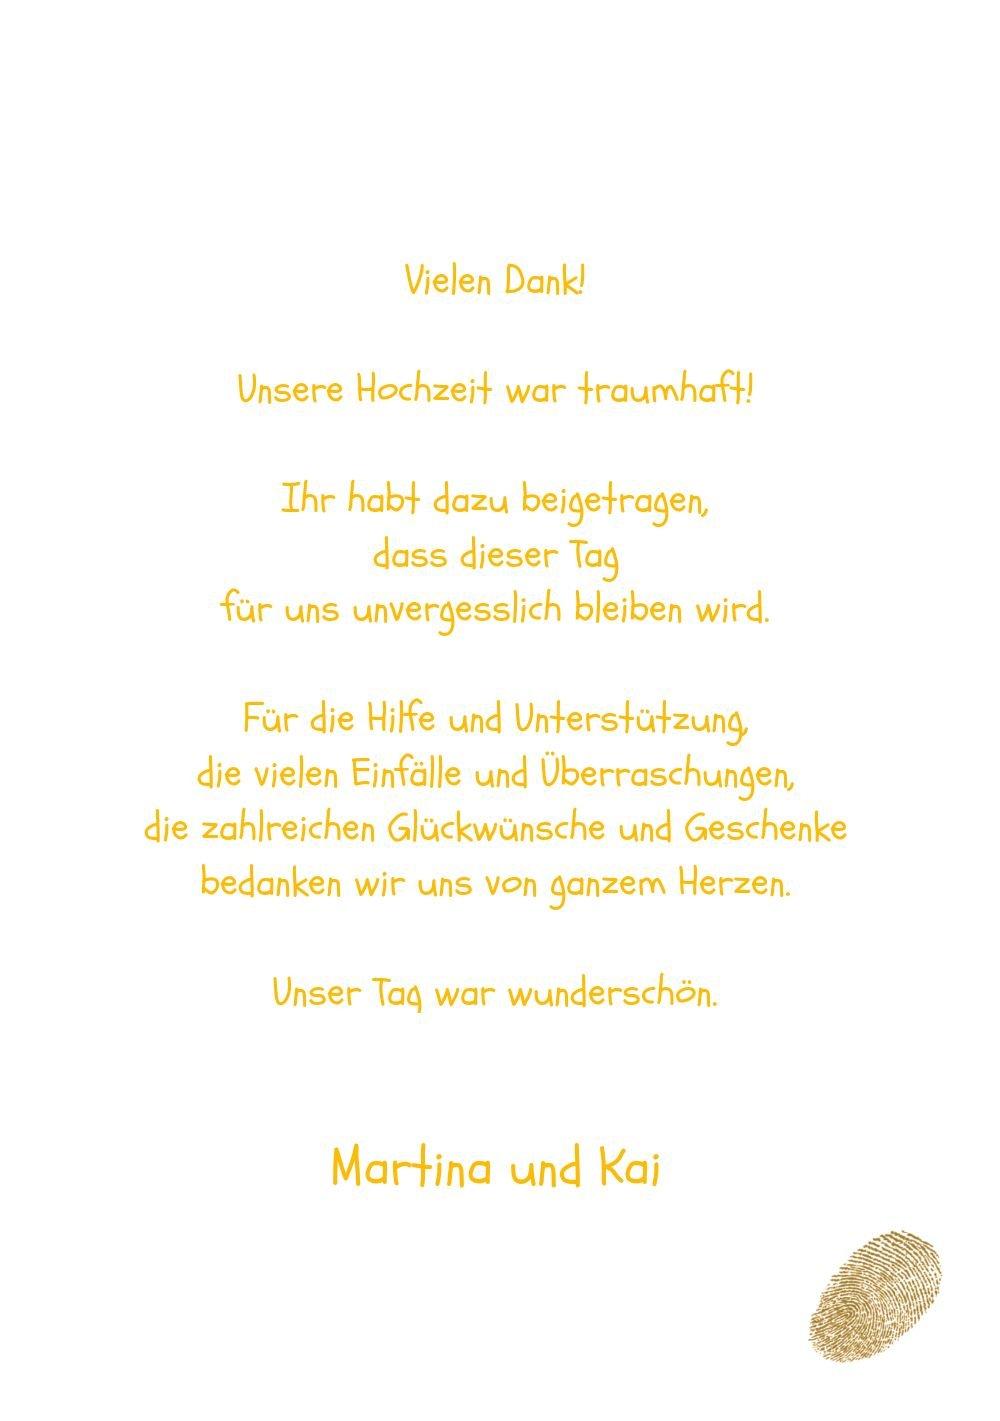 Kartenparadies Danksagung Danksagung Danksagung für Hochzeitsgeschenke Hochzeit Dankeskarte fingerprint, hochwertige Danksagungskarte Hochzeitsglückwünsche inklusive Umschläge   20 Karten - (Format  105x148 mm) Farbe  RosaLila B01MUD2A0M   Genial    Gutes  857c0a